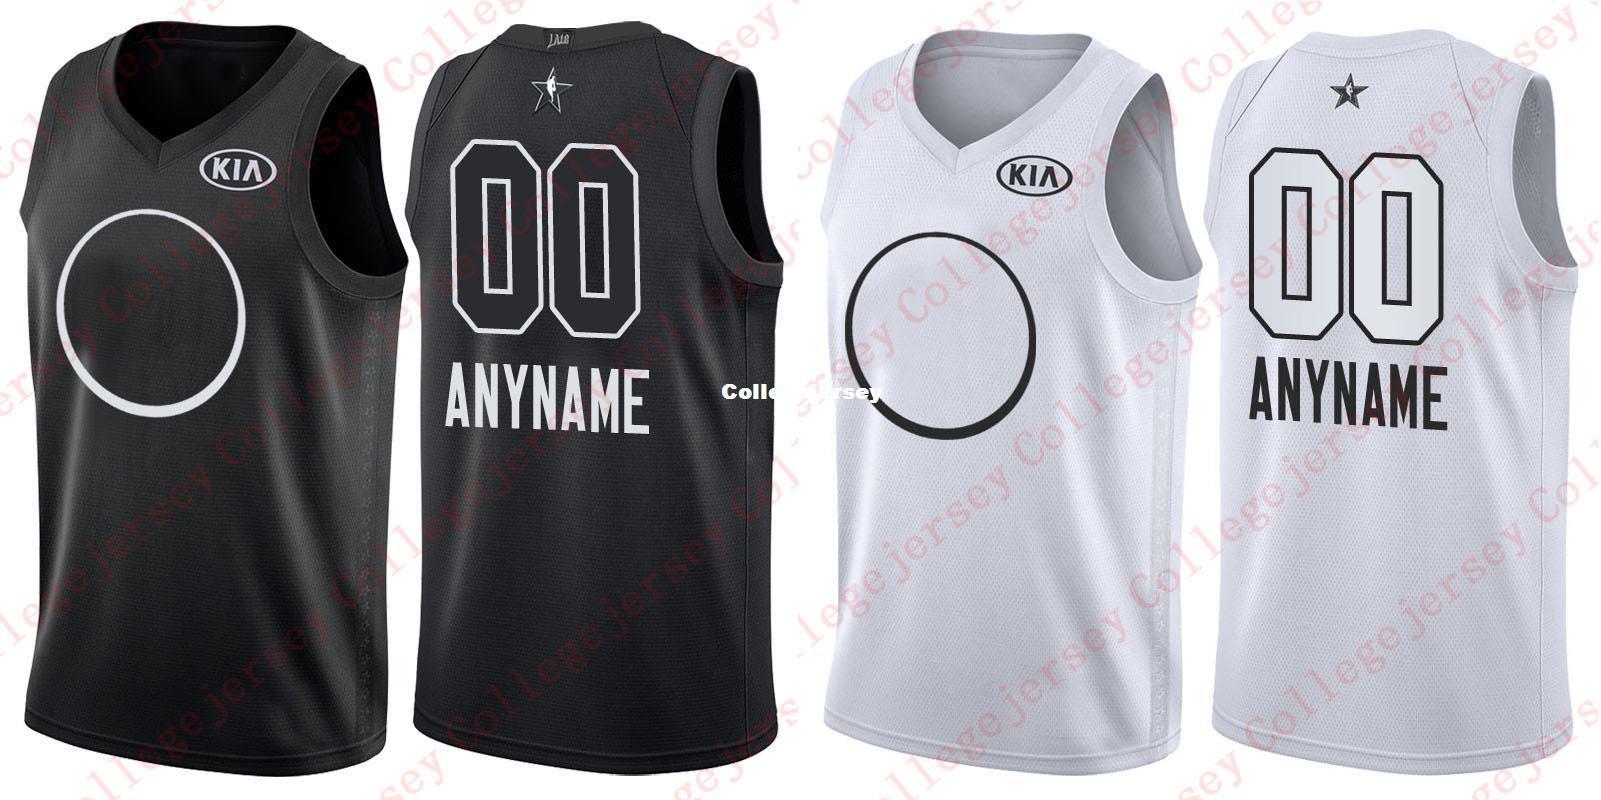 personalized basketball jersey